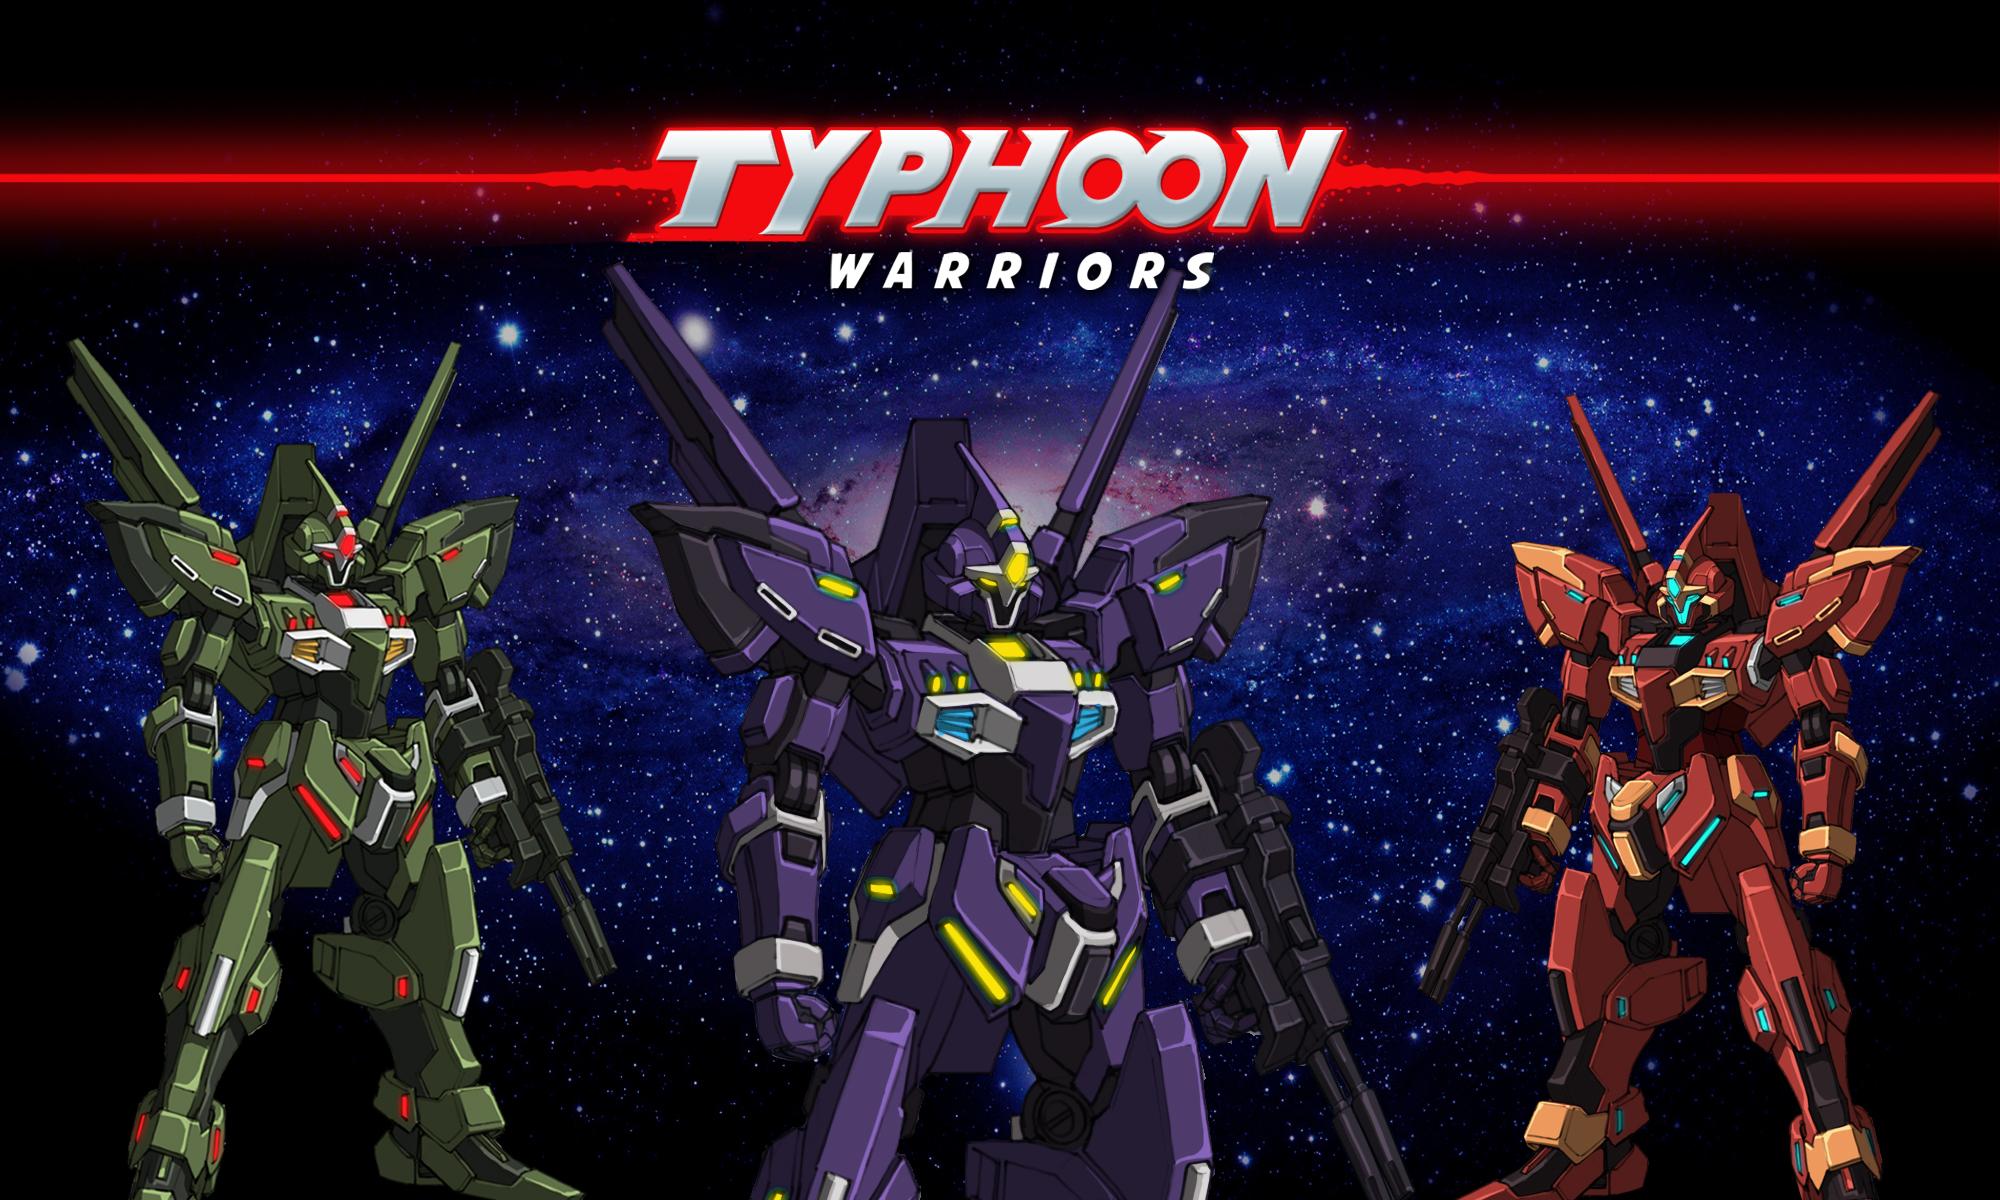 Typhoon Warriors